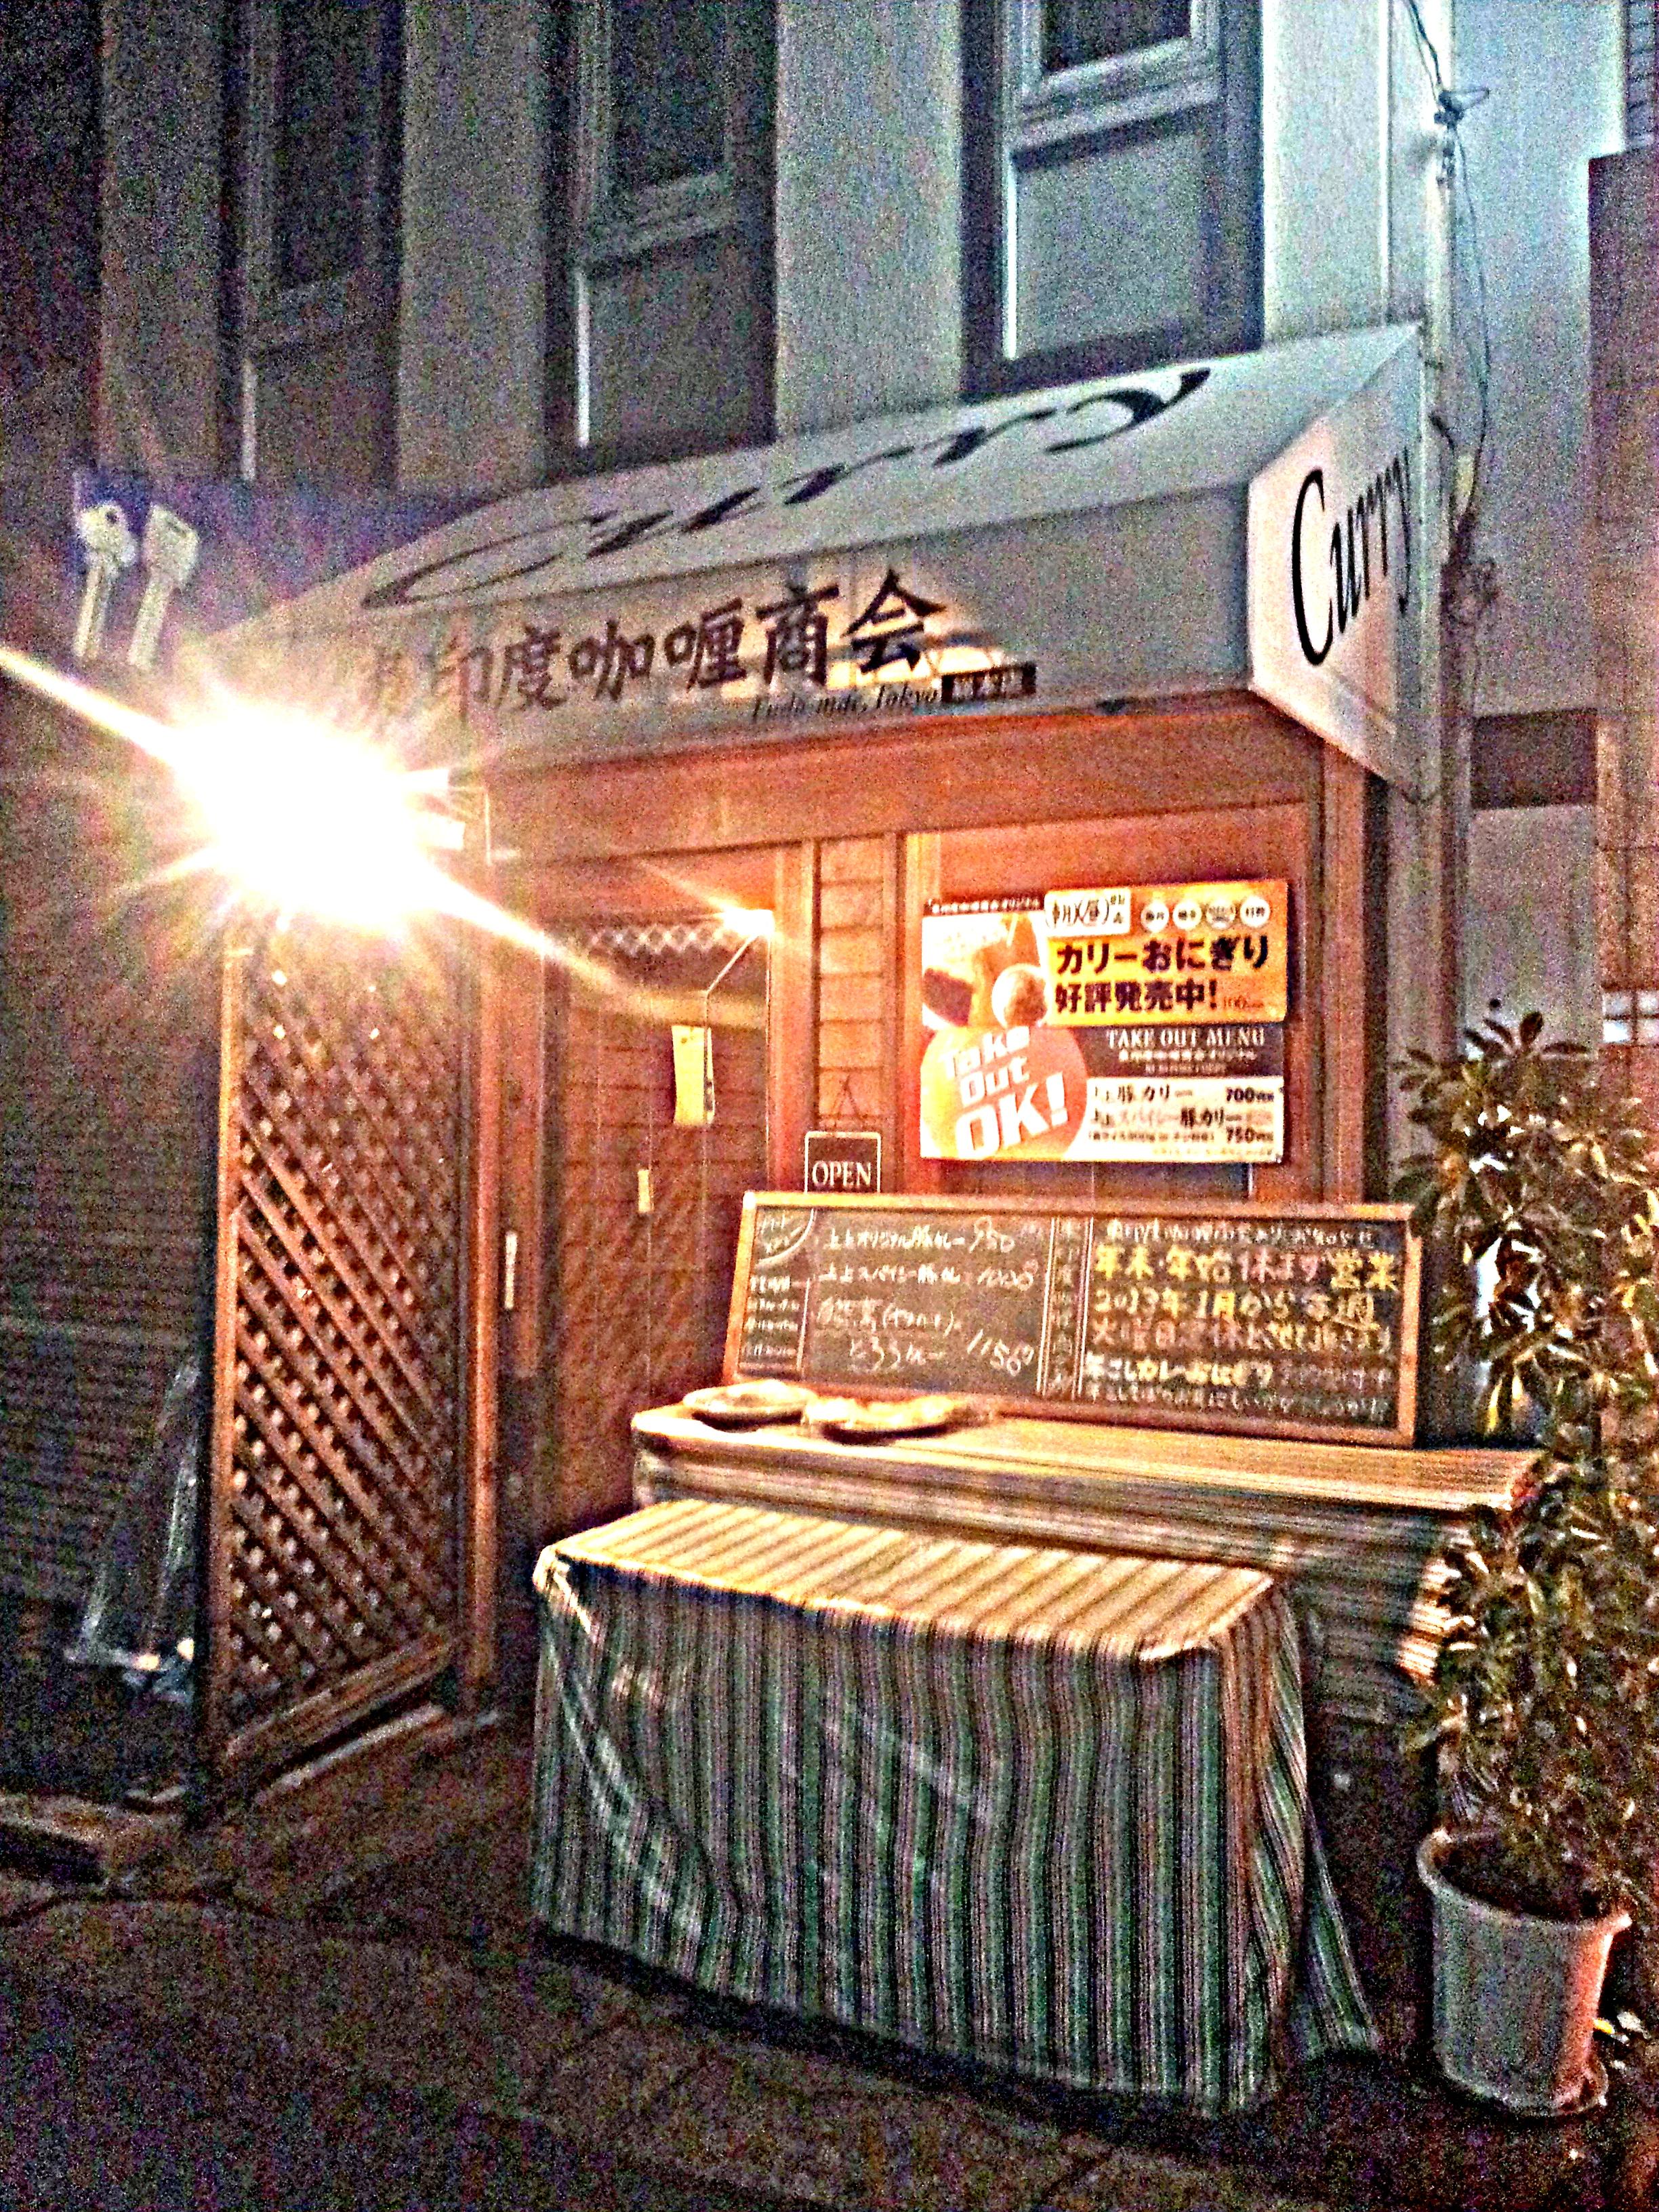 東印度咖喱商会 不動前総本店 2013年12月29日撮影